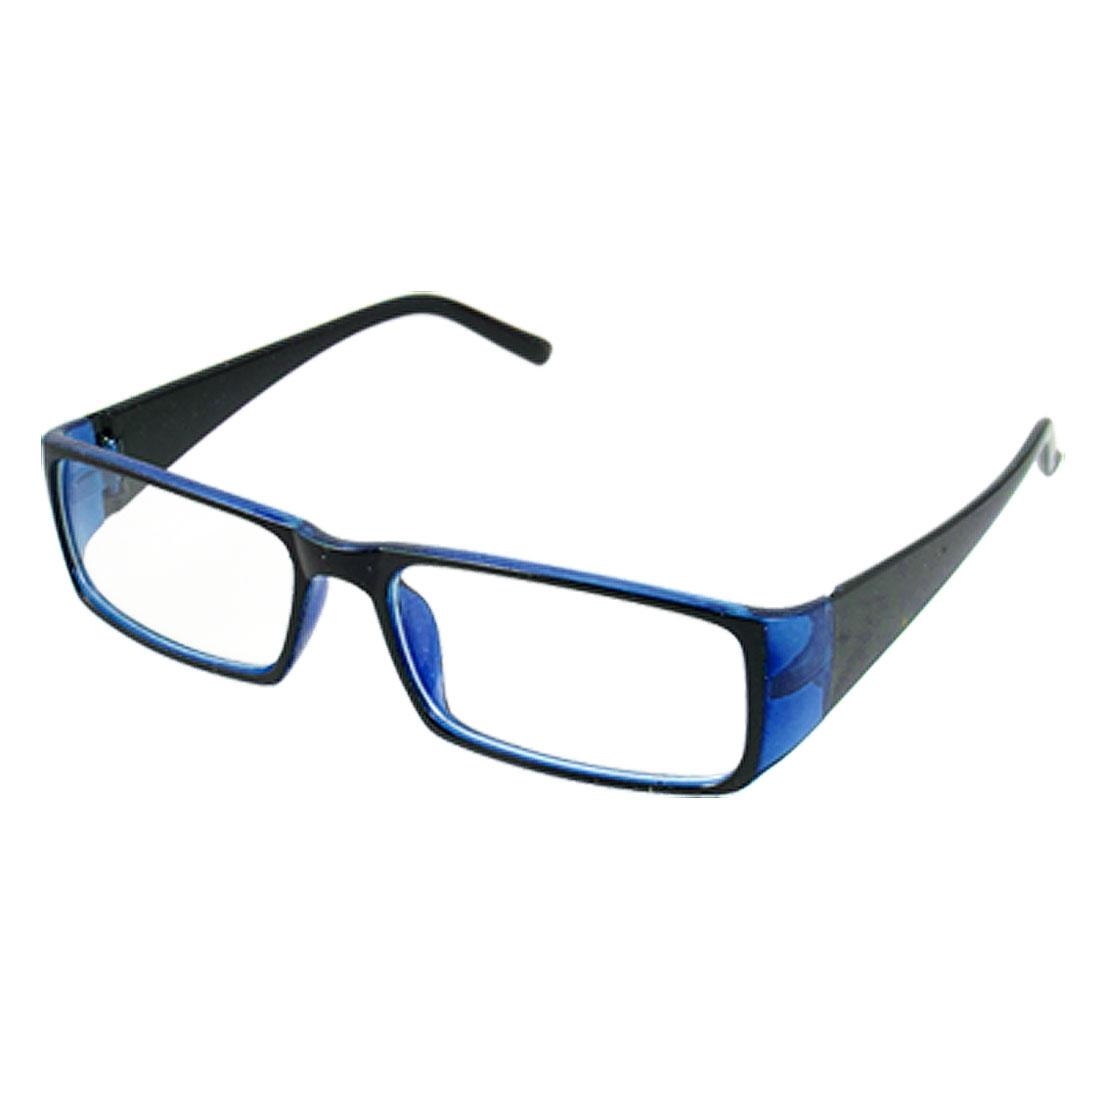 Unisex Black Blue Frame Full Rim Clear Lens Plano Eyeglasses